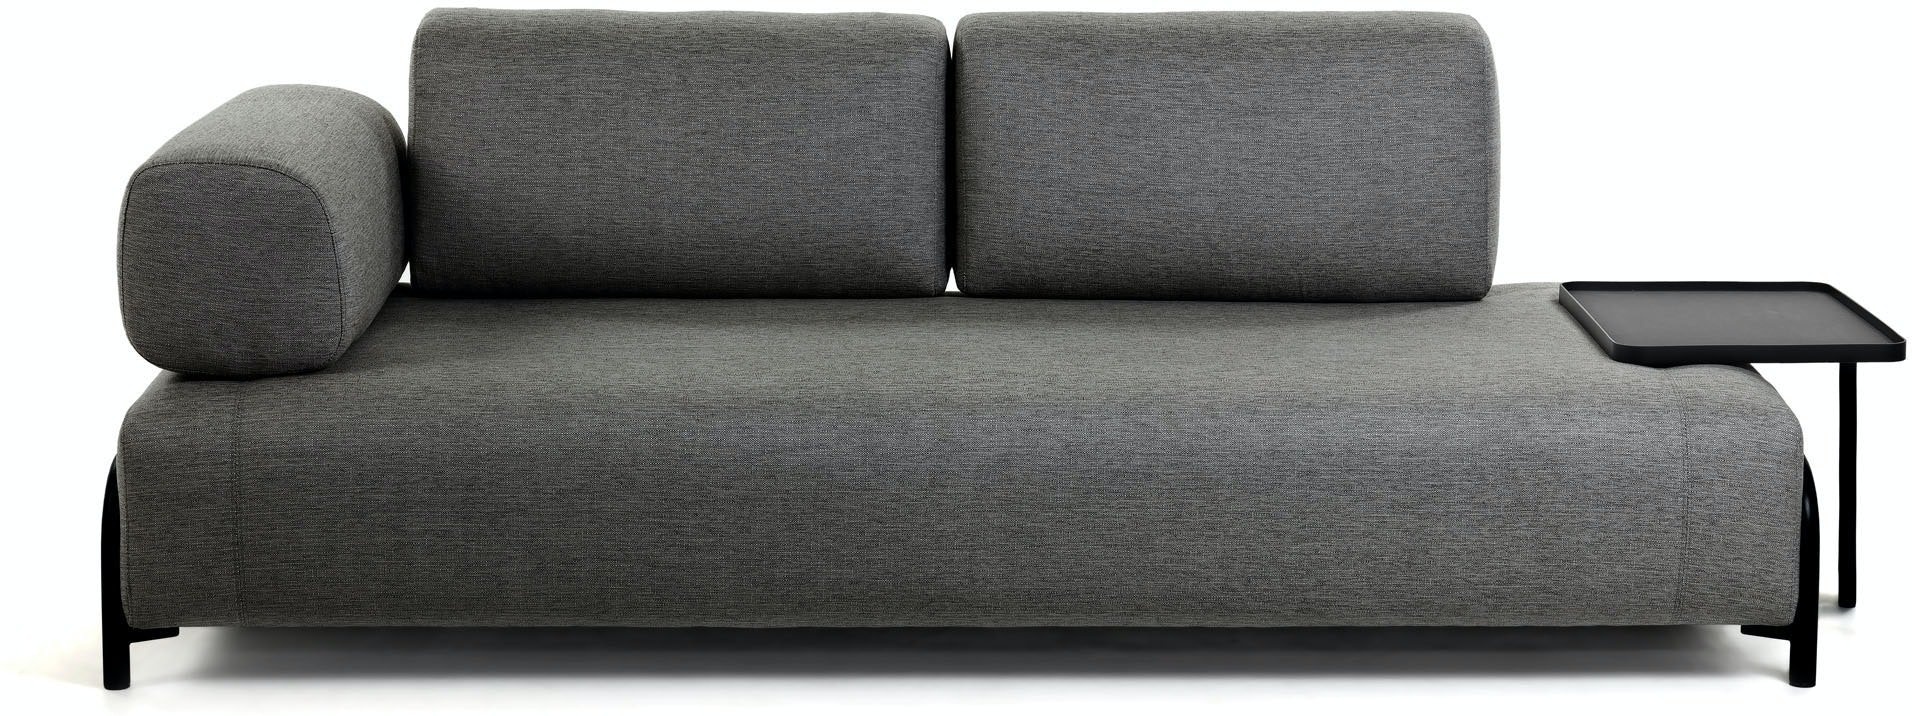 Compo, 3-personers sofa by LaForma (Armlæn venstre, Grå)